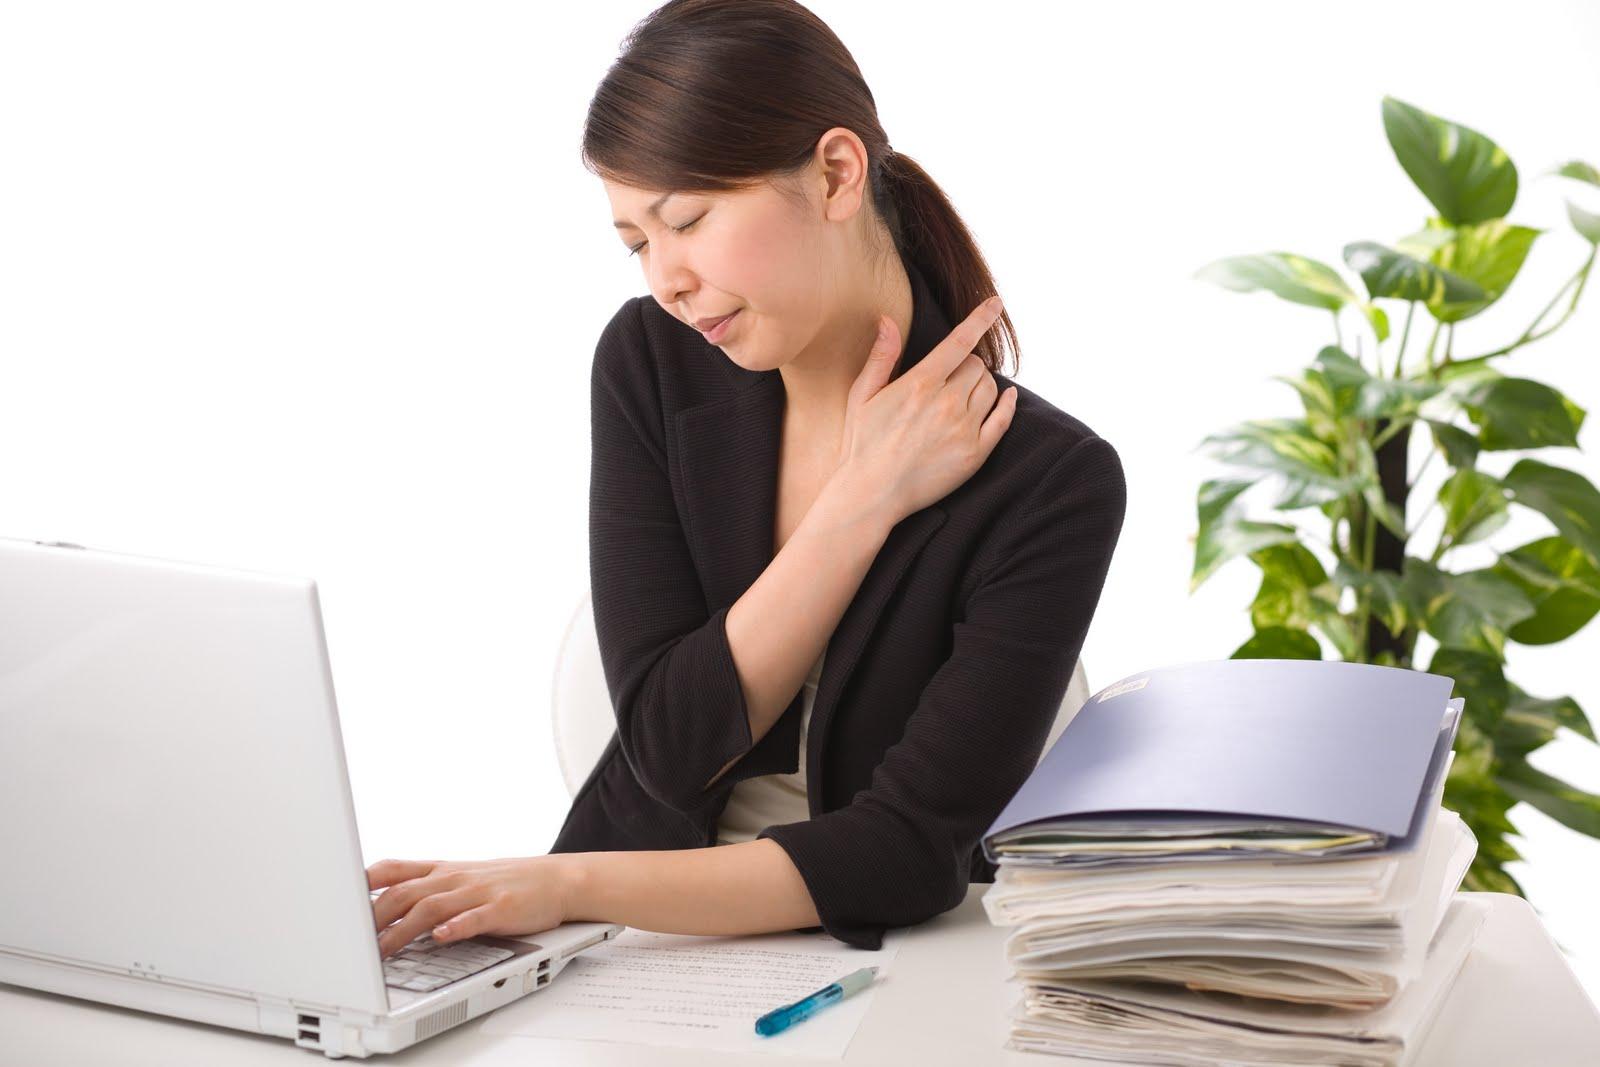 Báo động tình trạng người trẻ bị đau xương khớp hiện nay